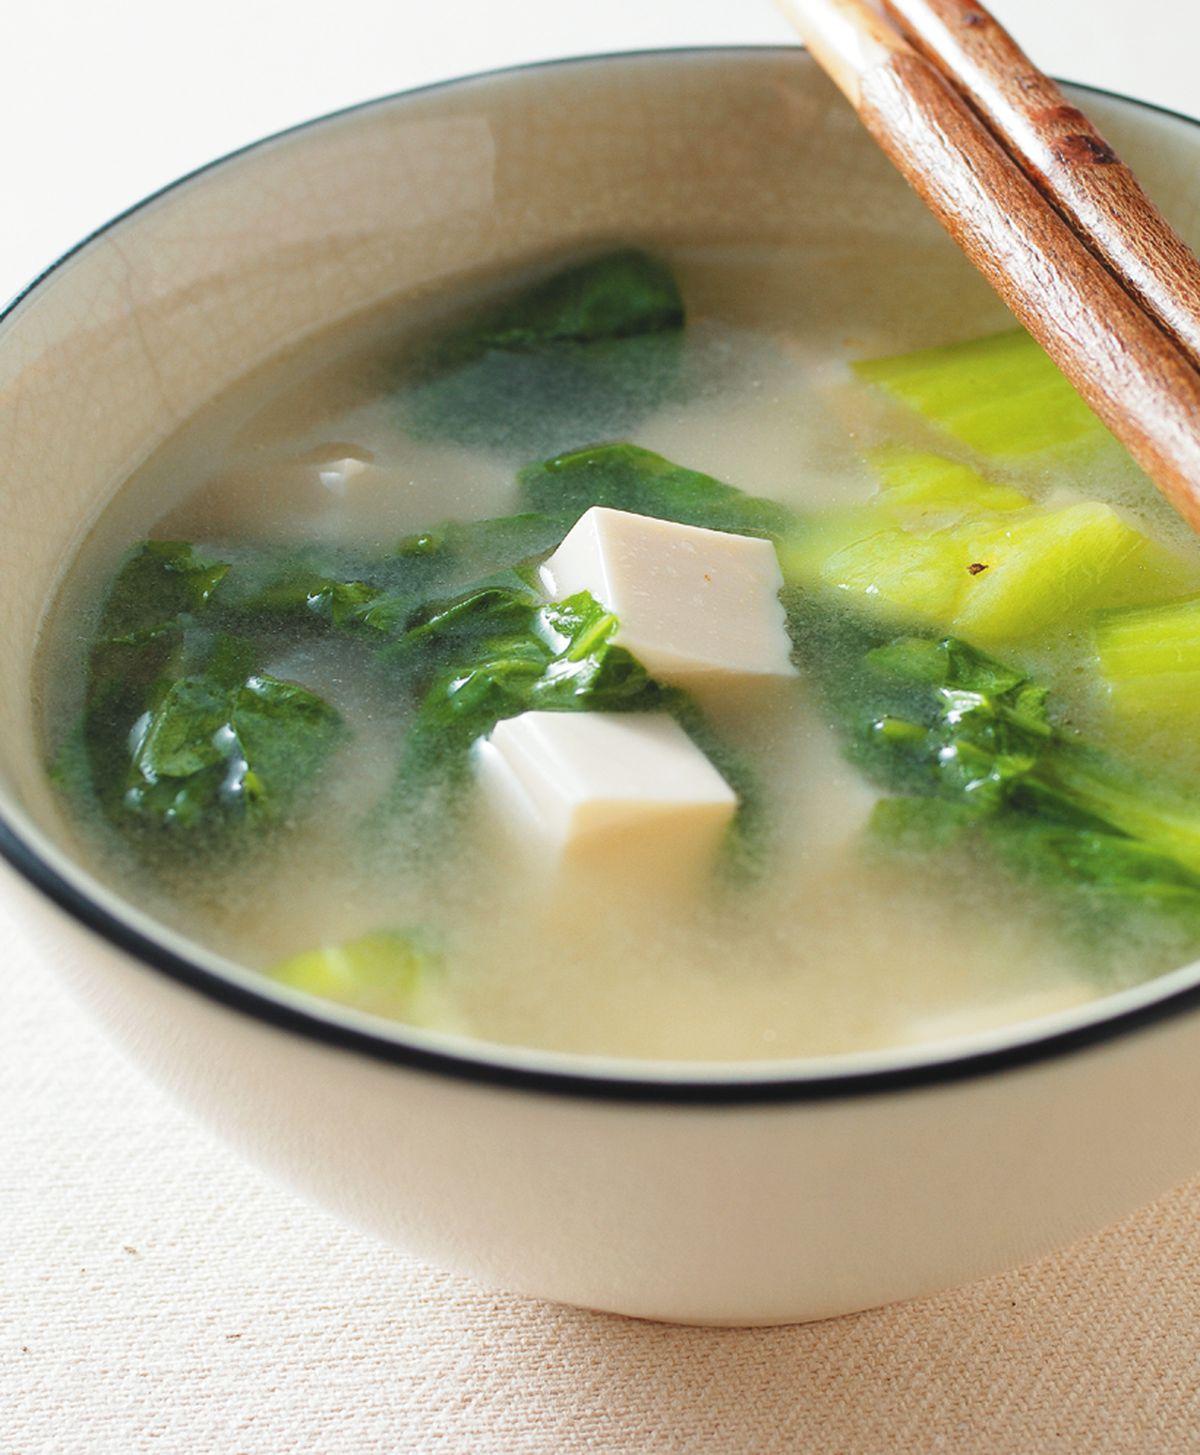 食譜:青菜豆腐湯